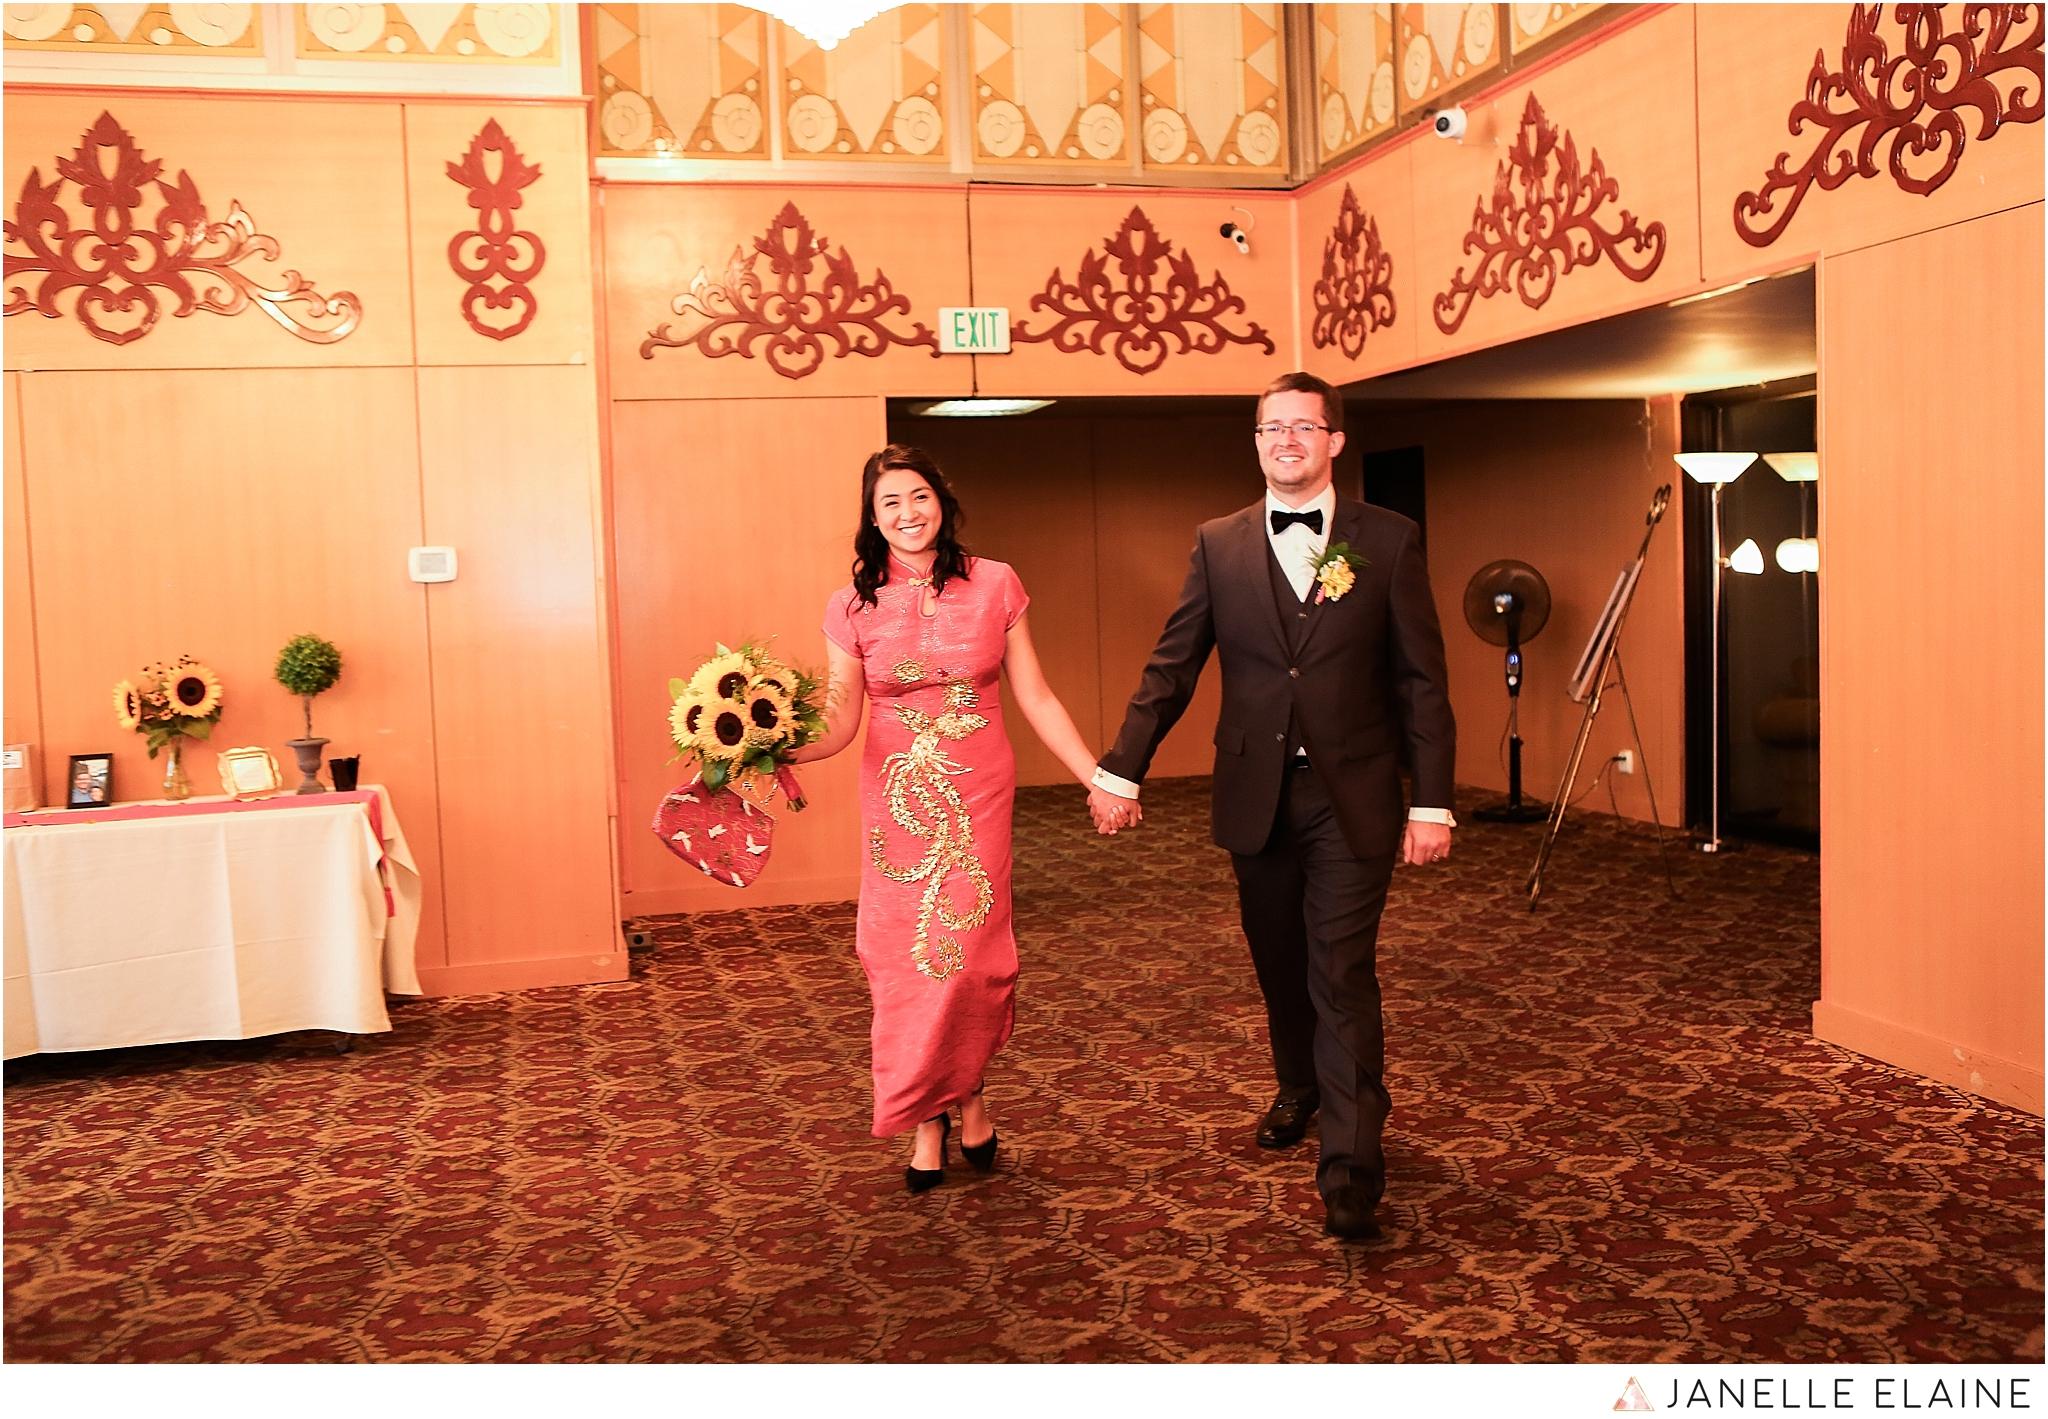 janelle elaine photography-professional wedding photographer seattle--122.jpg